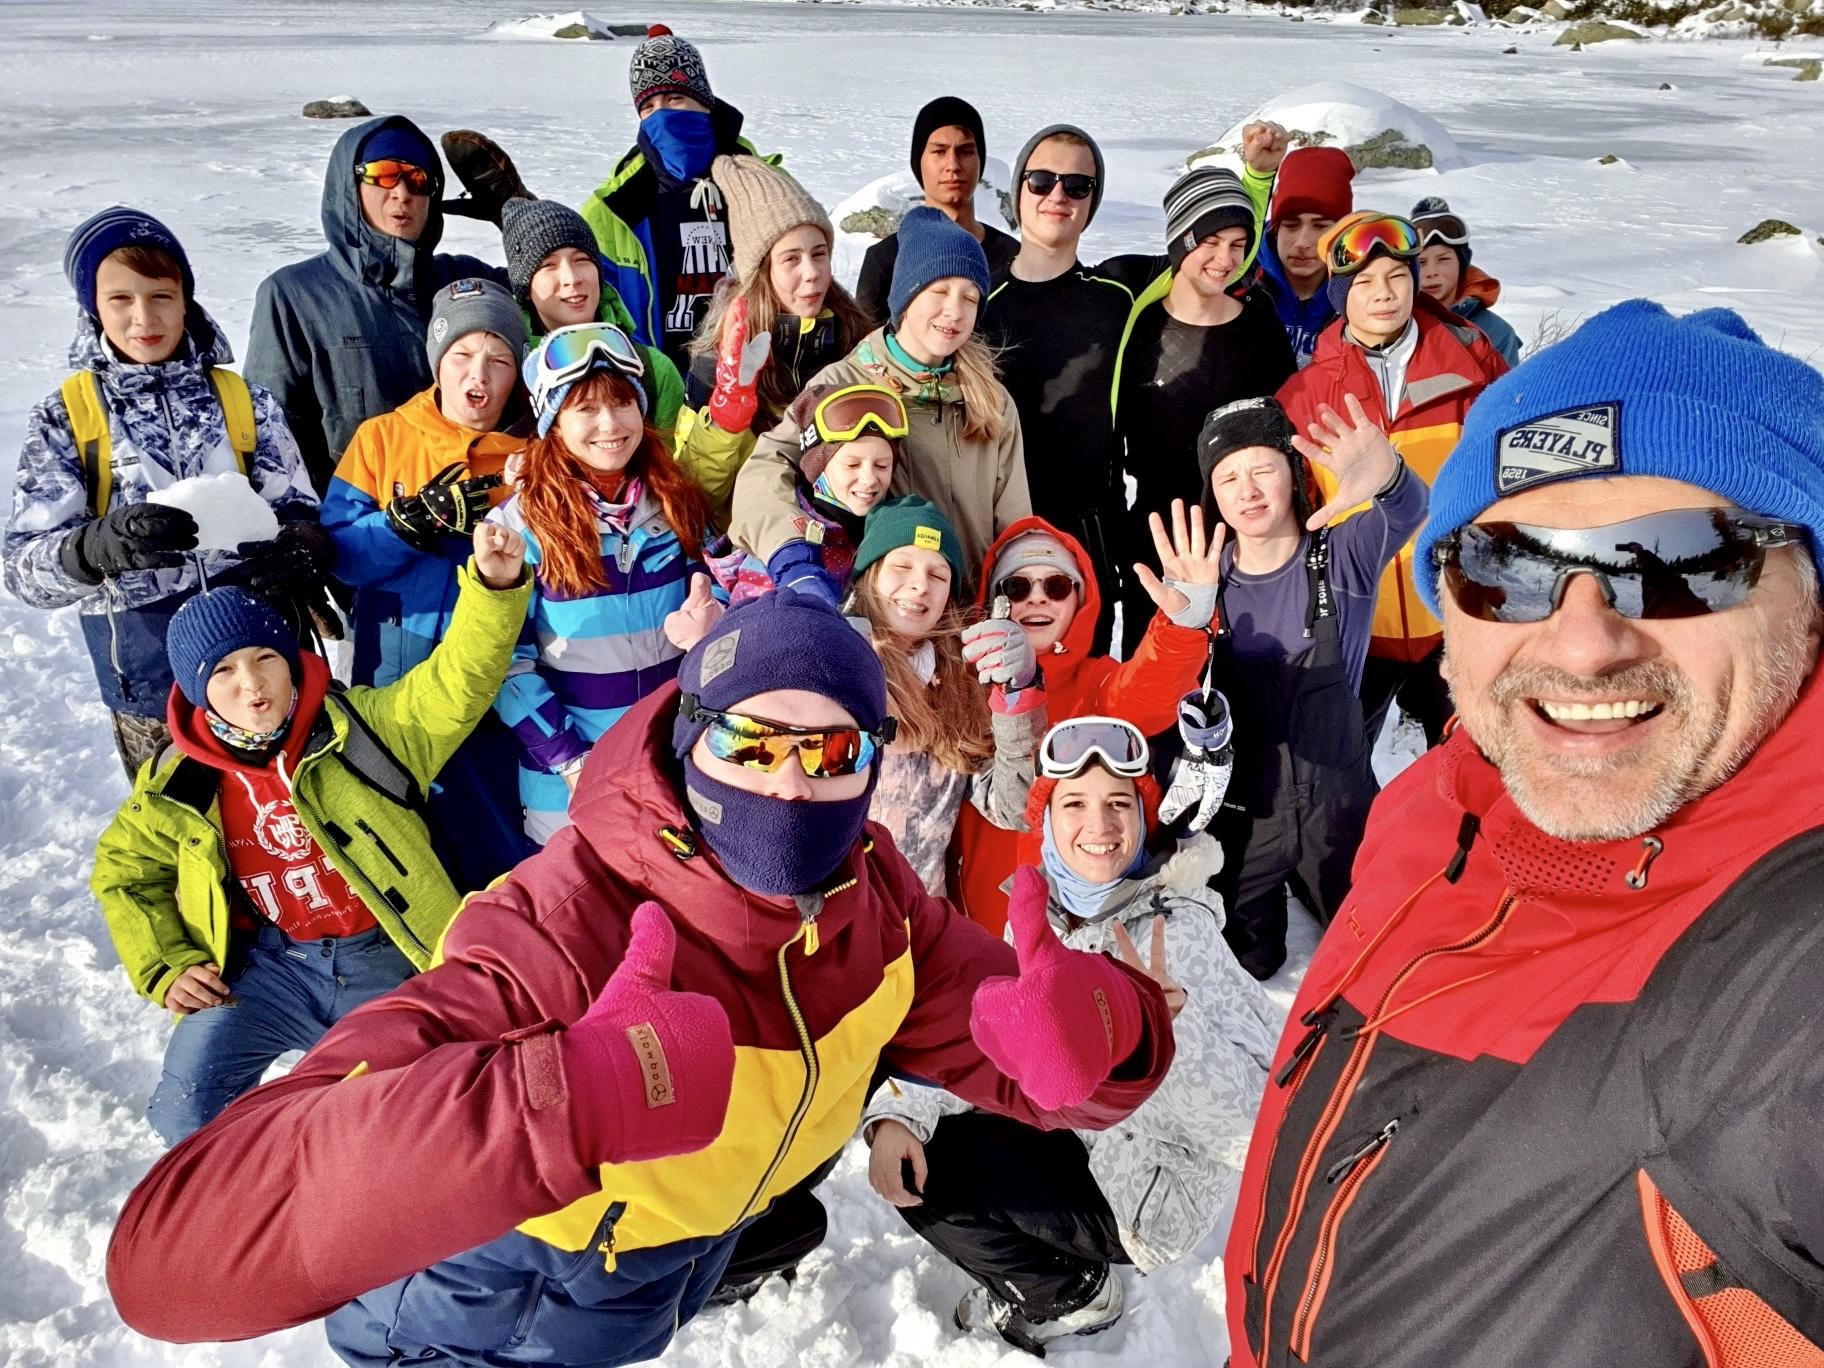 Осенний Лагерь Уникум, Школа Сноуборда и Горных лыж